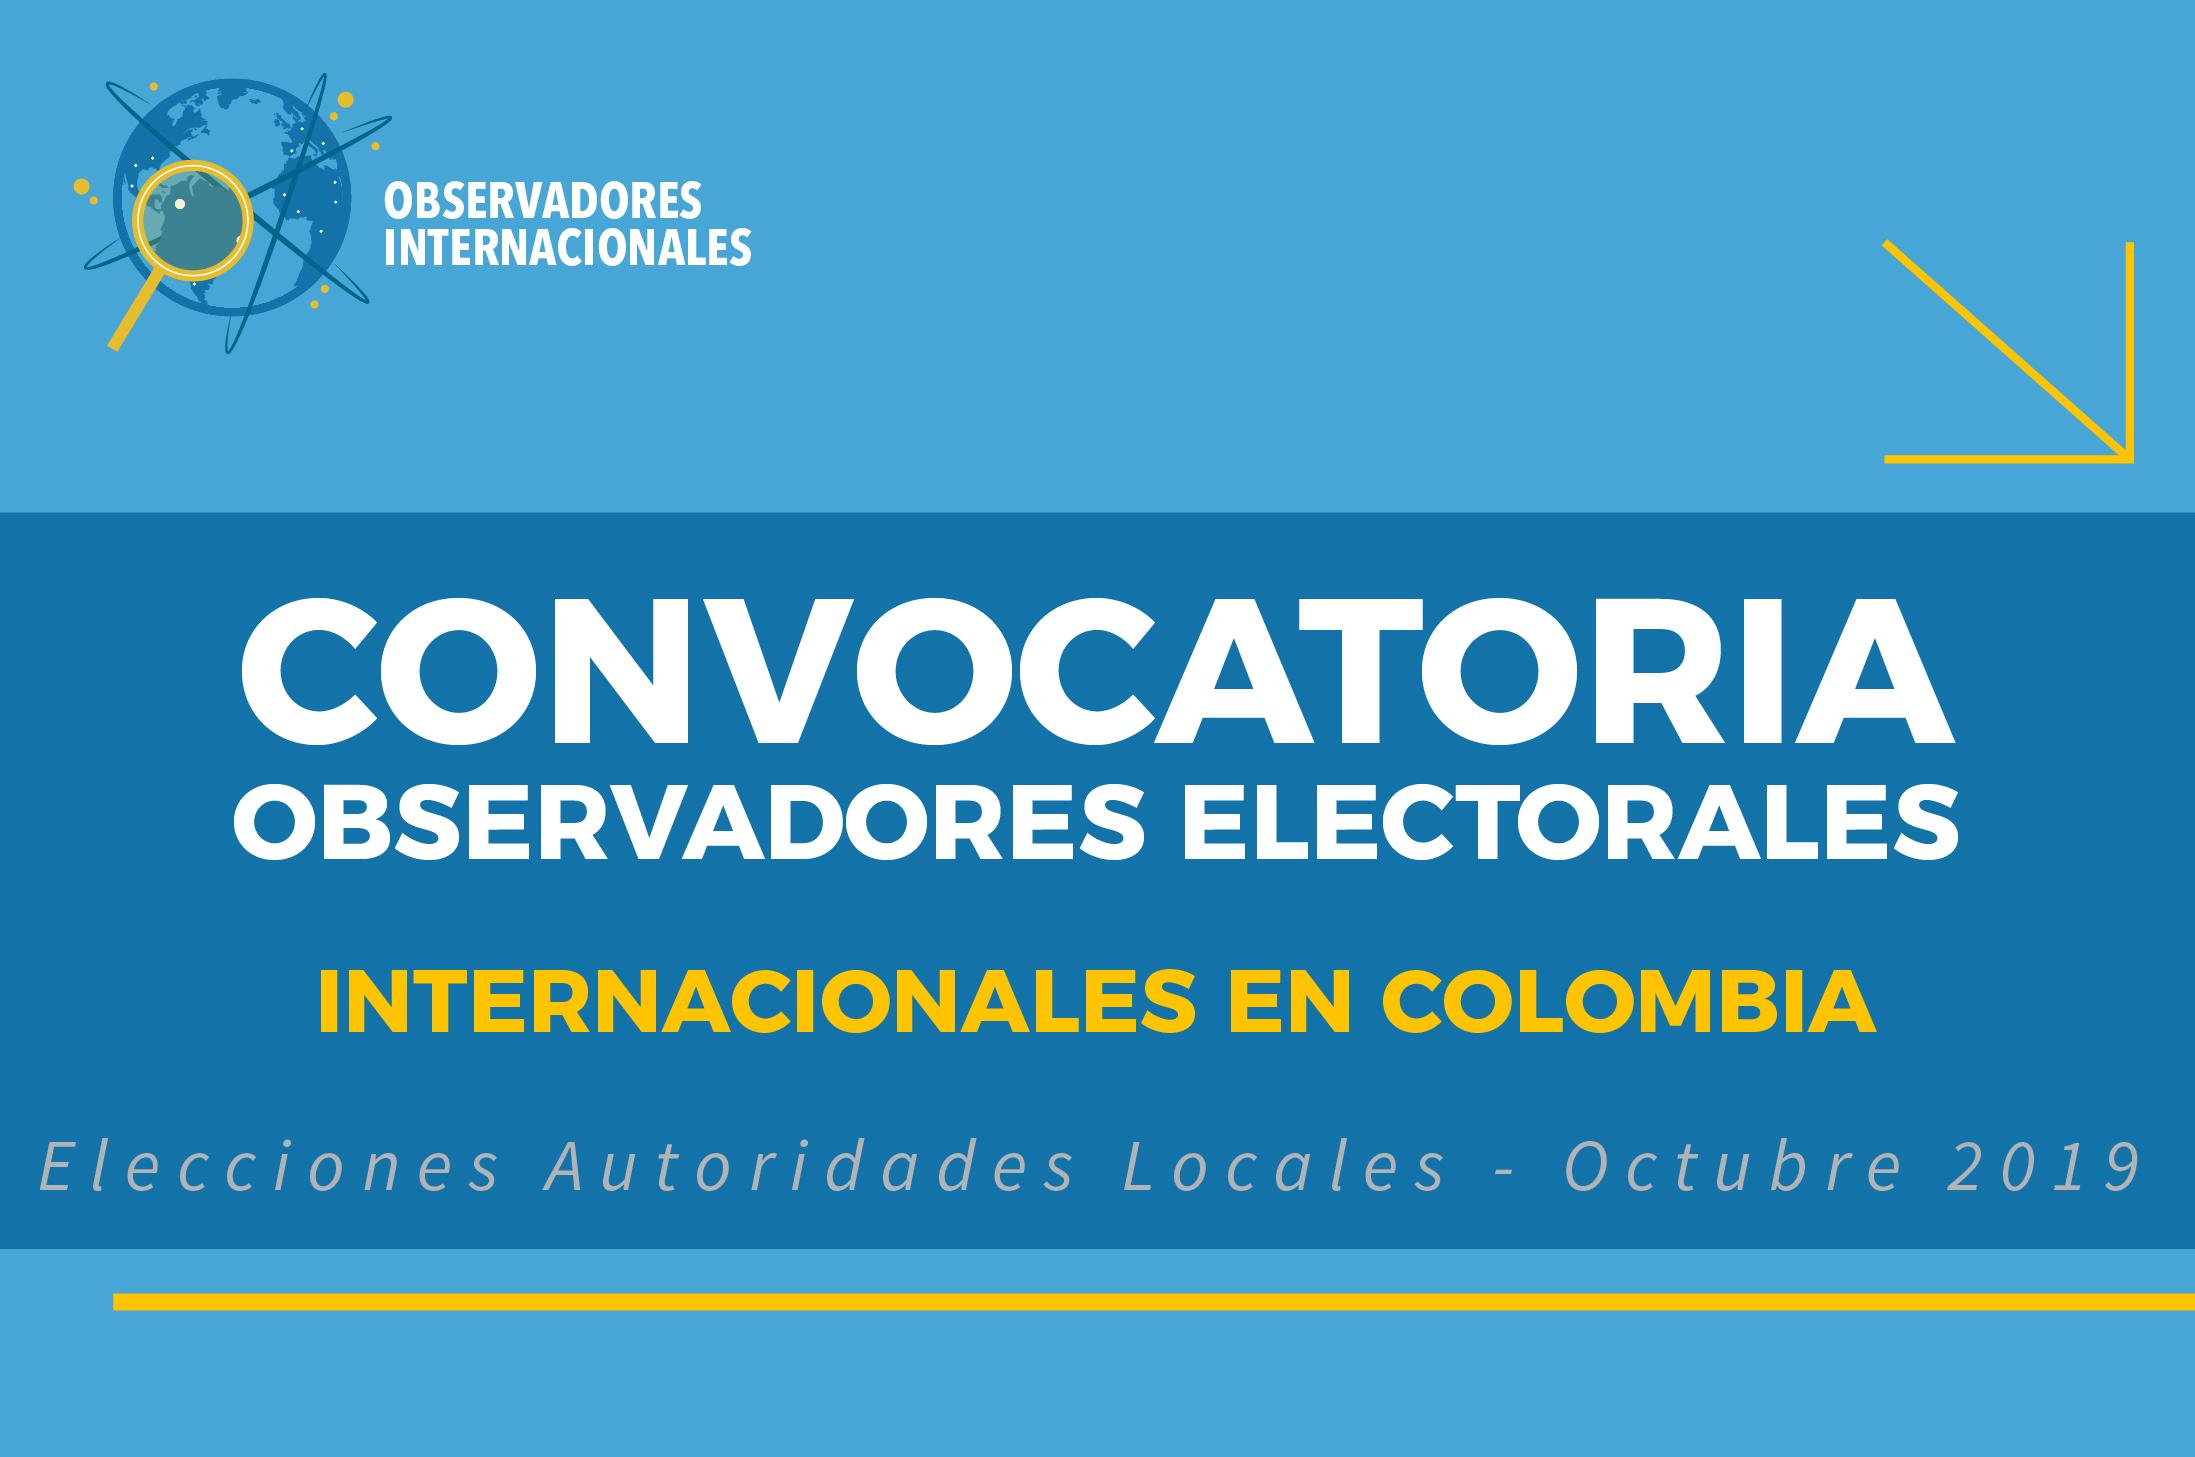 Inscripciones abiertas para observadores internacionales 2019